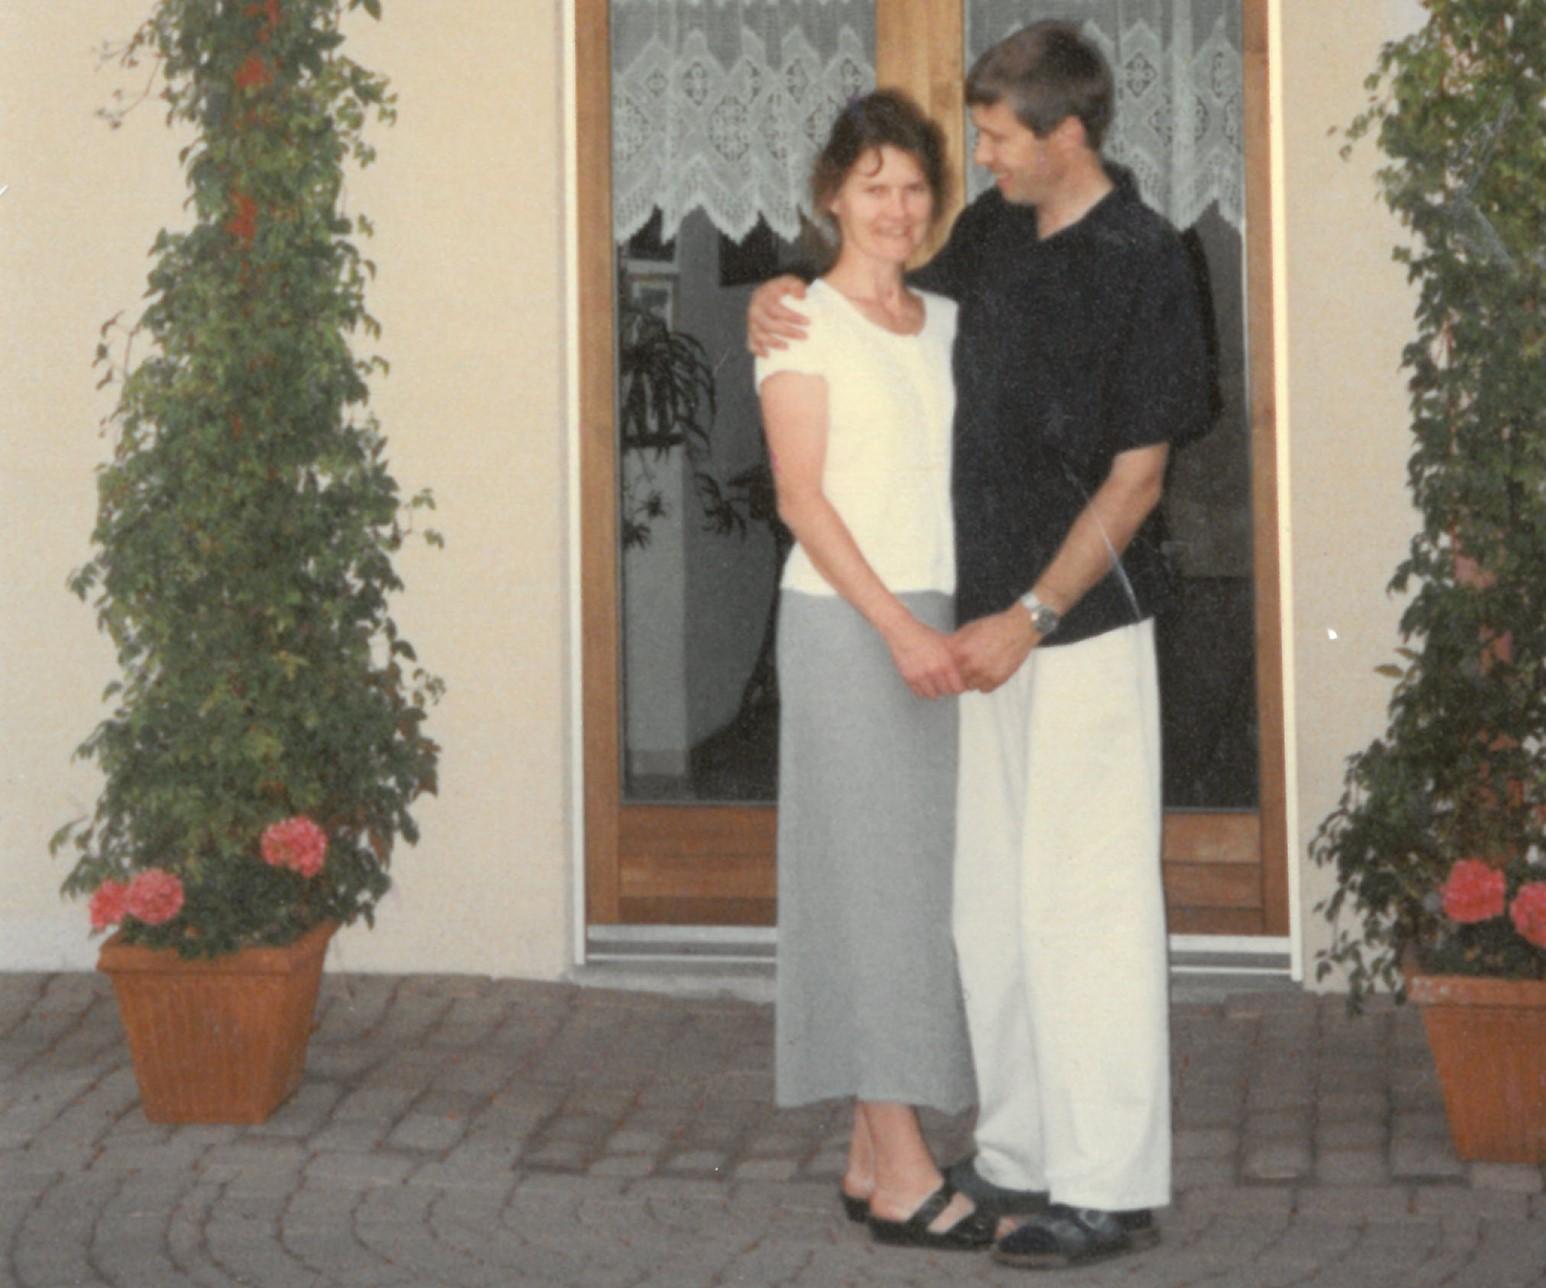 Franz und Marianna Gfeller